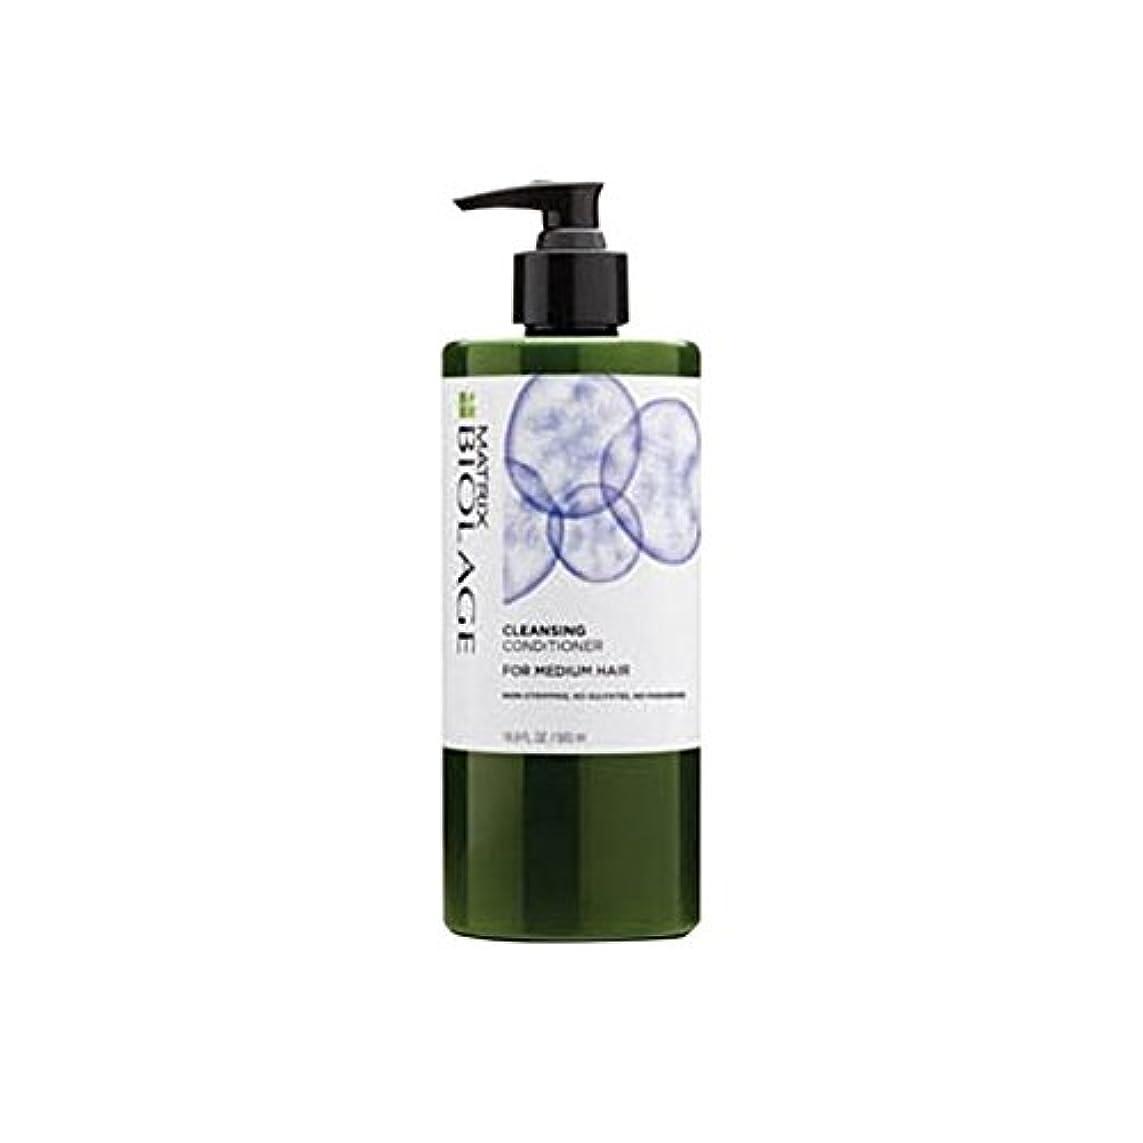 観察する熟練したゲージマトリックスバイオレイジクレンジングコンディショナー - メディア髪(500ミリリットル) x2 - Matrix Biolage Cleansing Conditioner - Medium Hair (500ml) (Pack of 2) [並行輸入品]